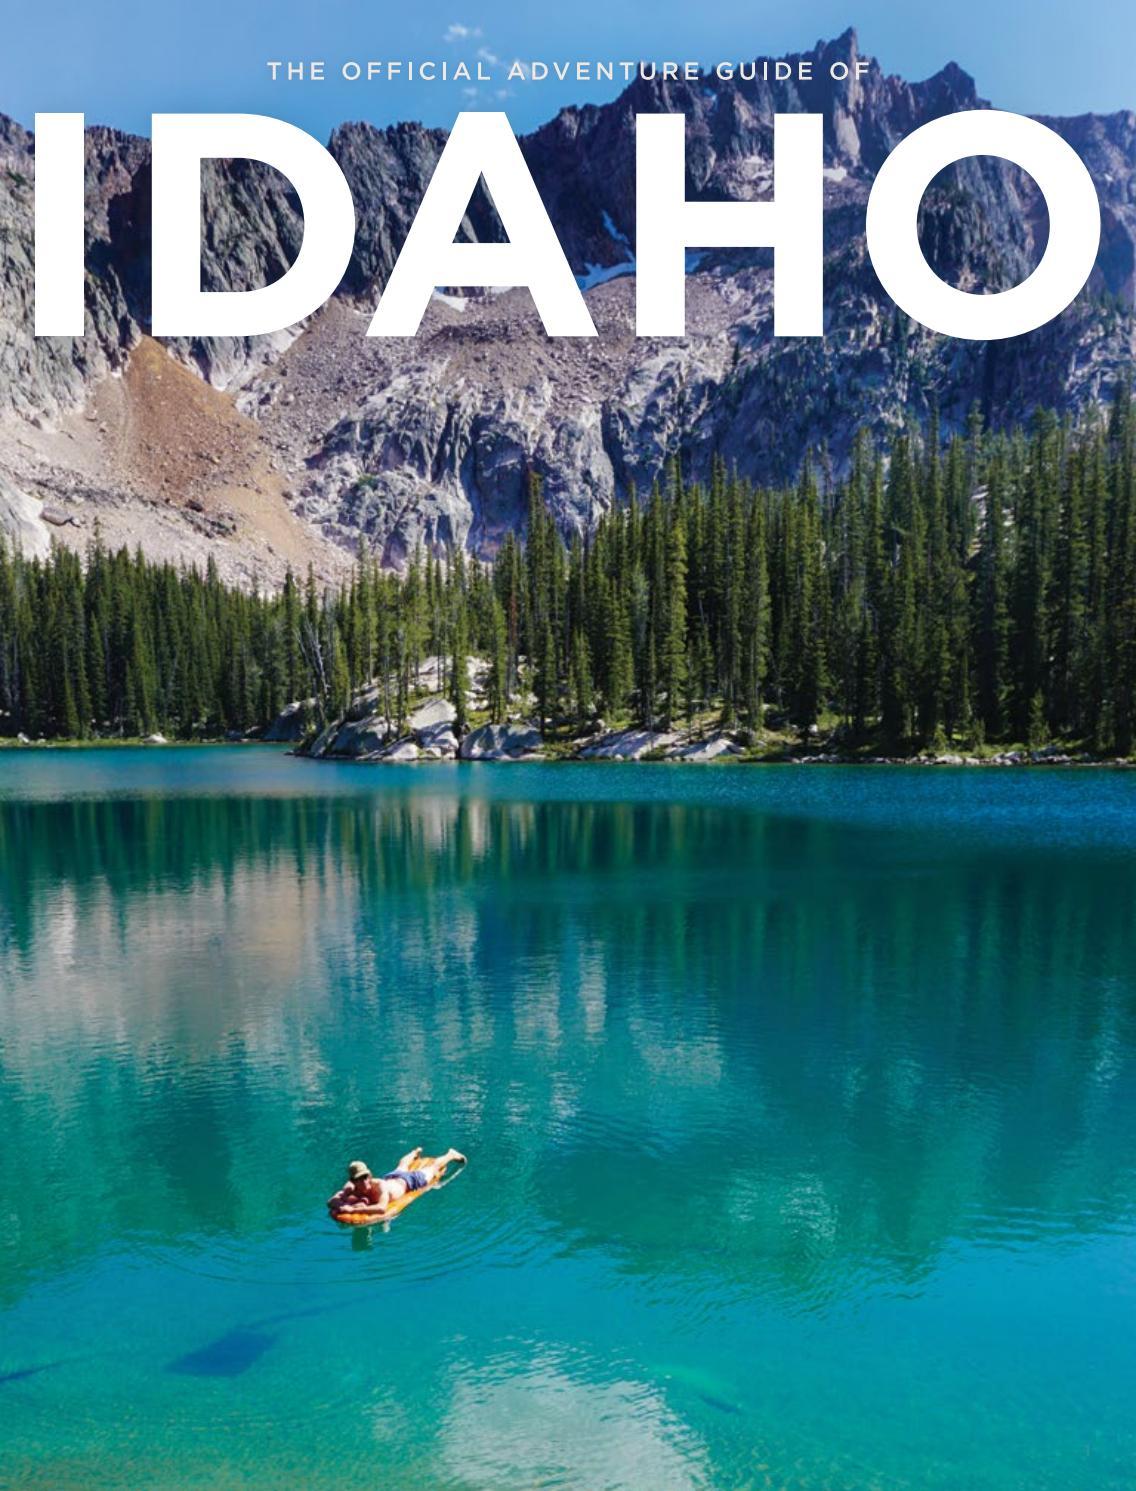 2020 Idaho Travel Guide by Visit Idaho issuu